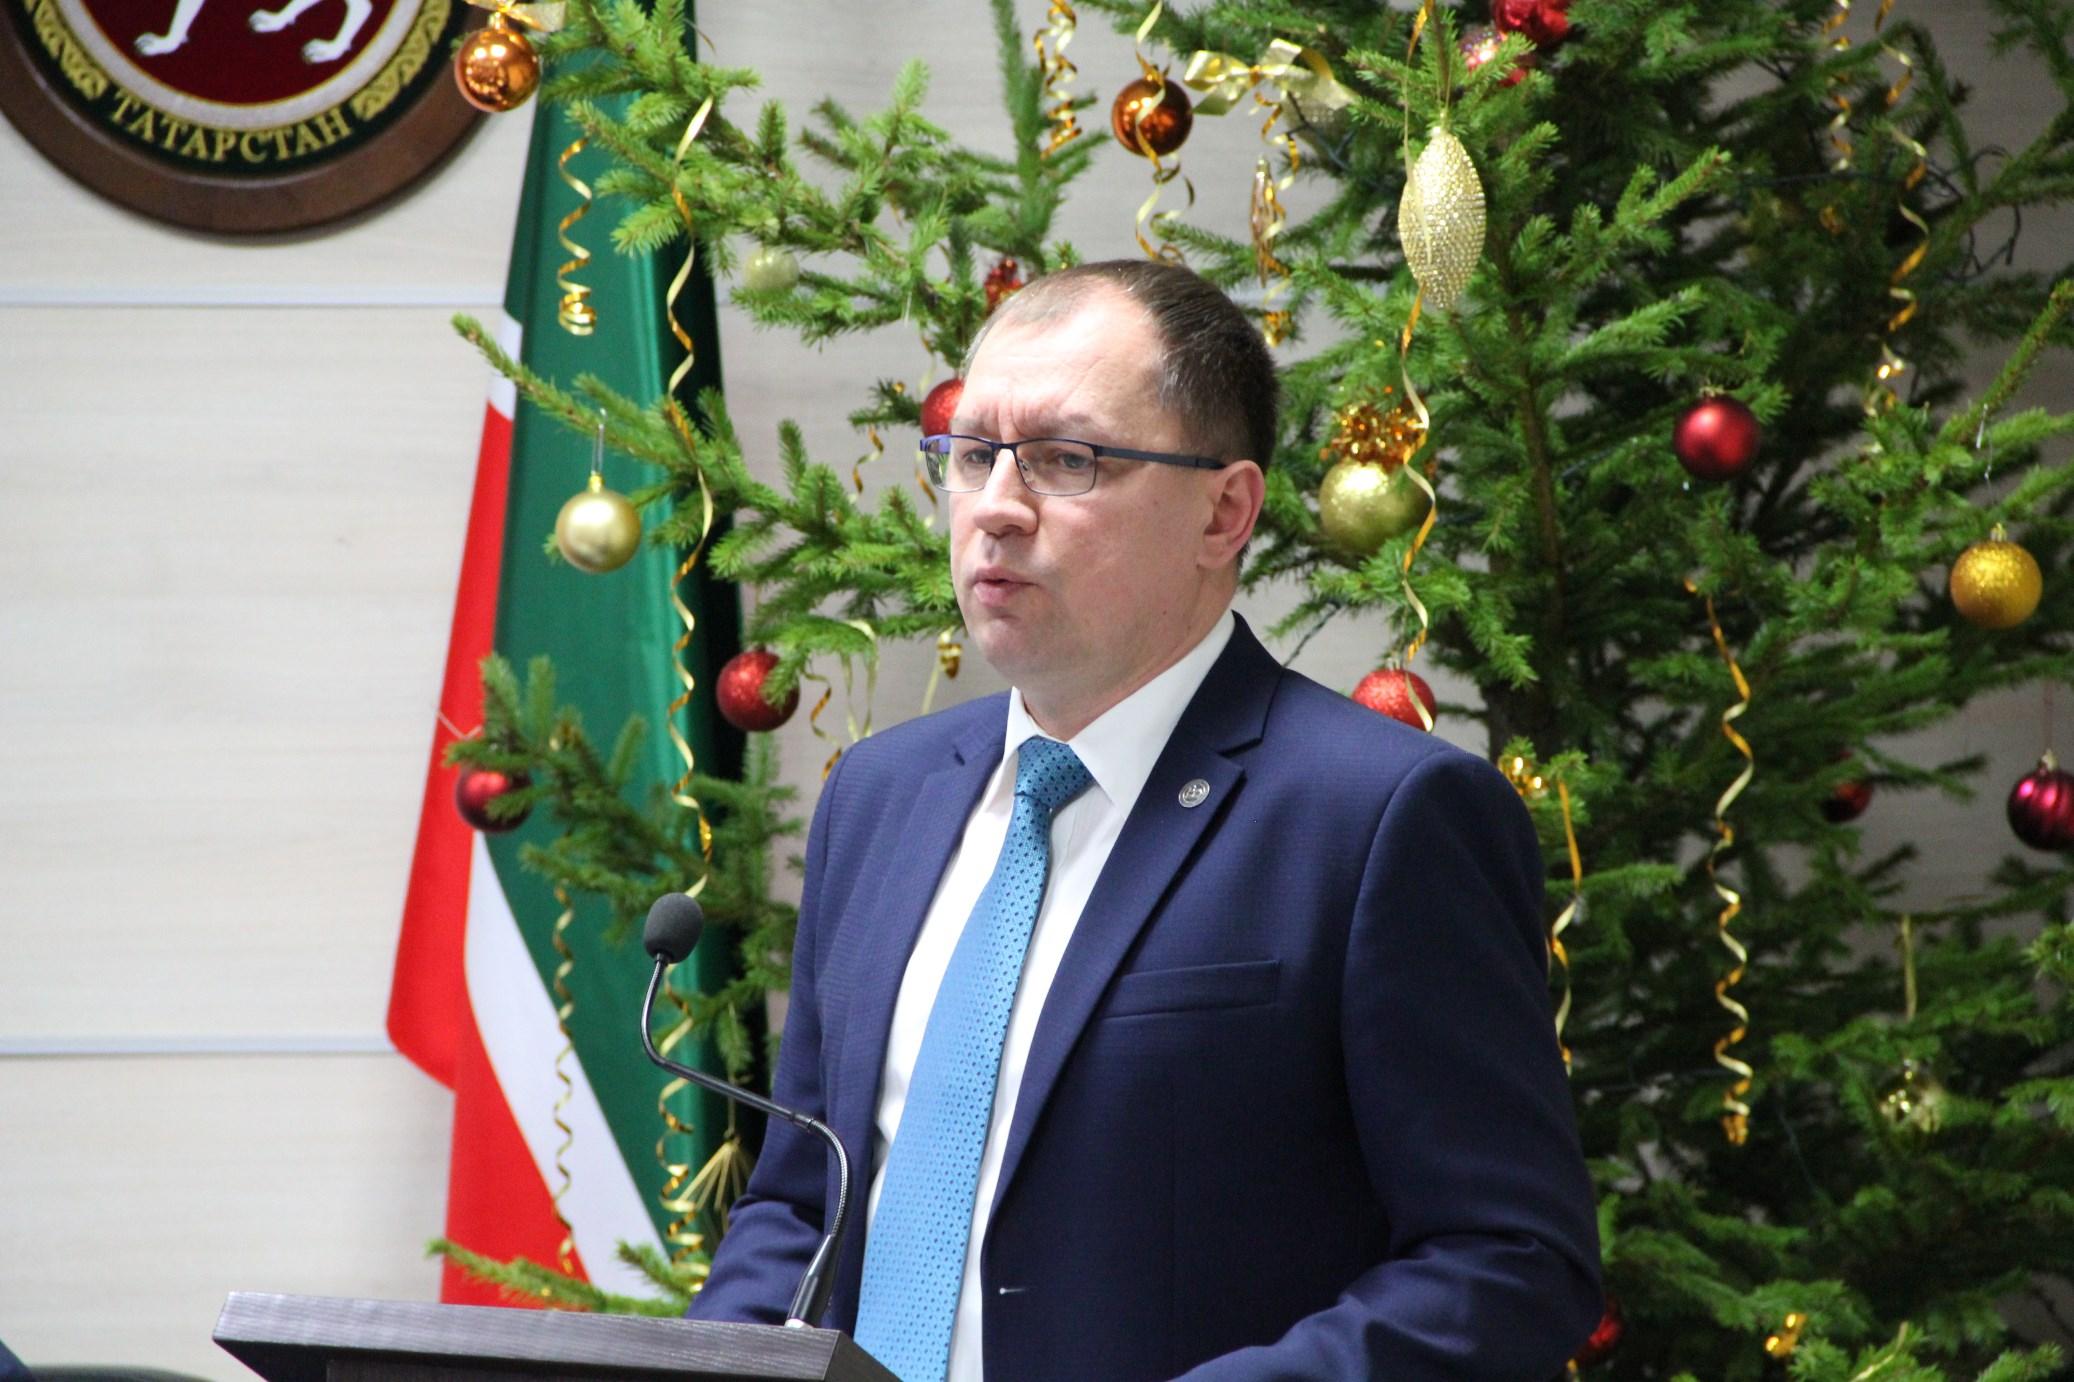 Совет контрольно-счетных органов Республики Татарстан (26.12.2019 г.)